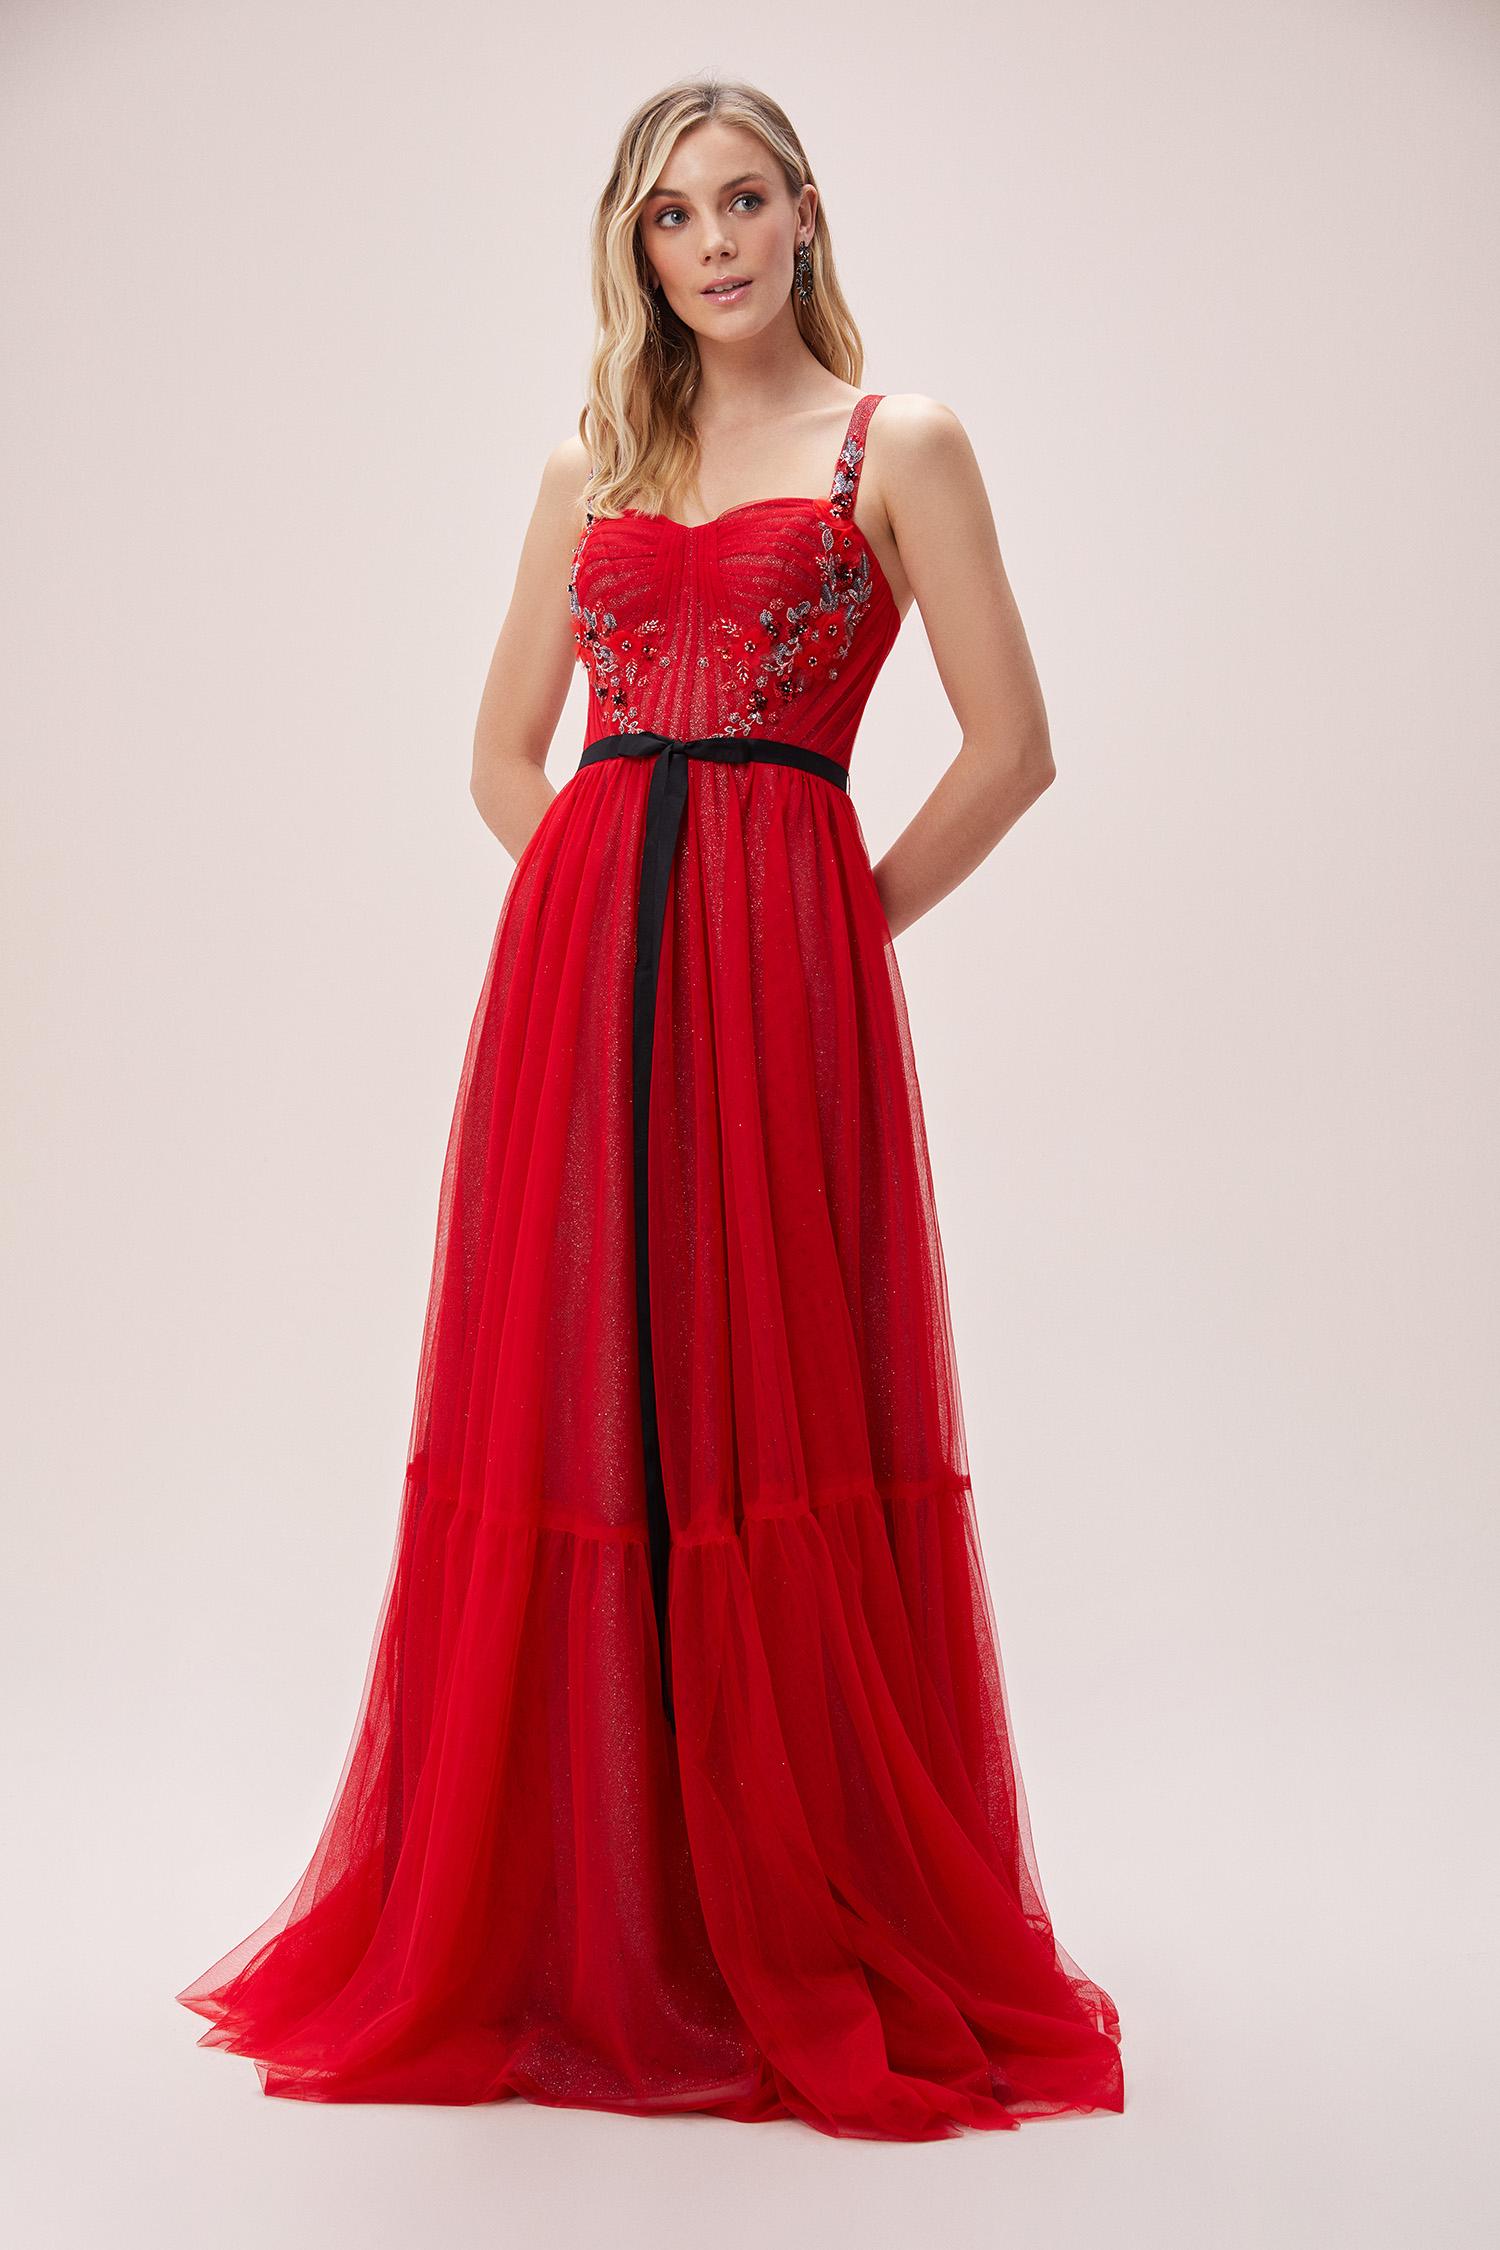 Kırmızı Askılı Payet İşlemeli Tül Etekli Abiye Elbise - Thumbnail